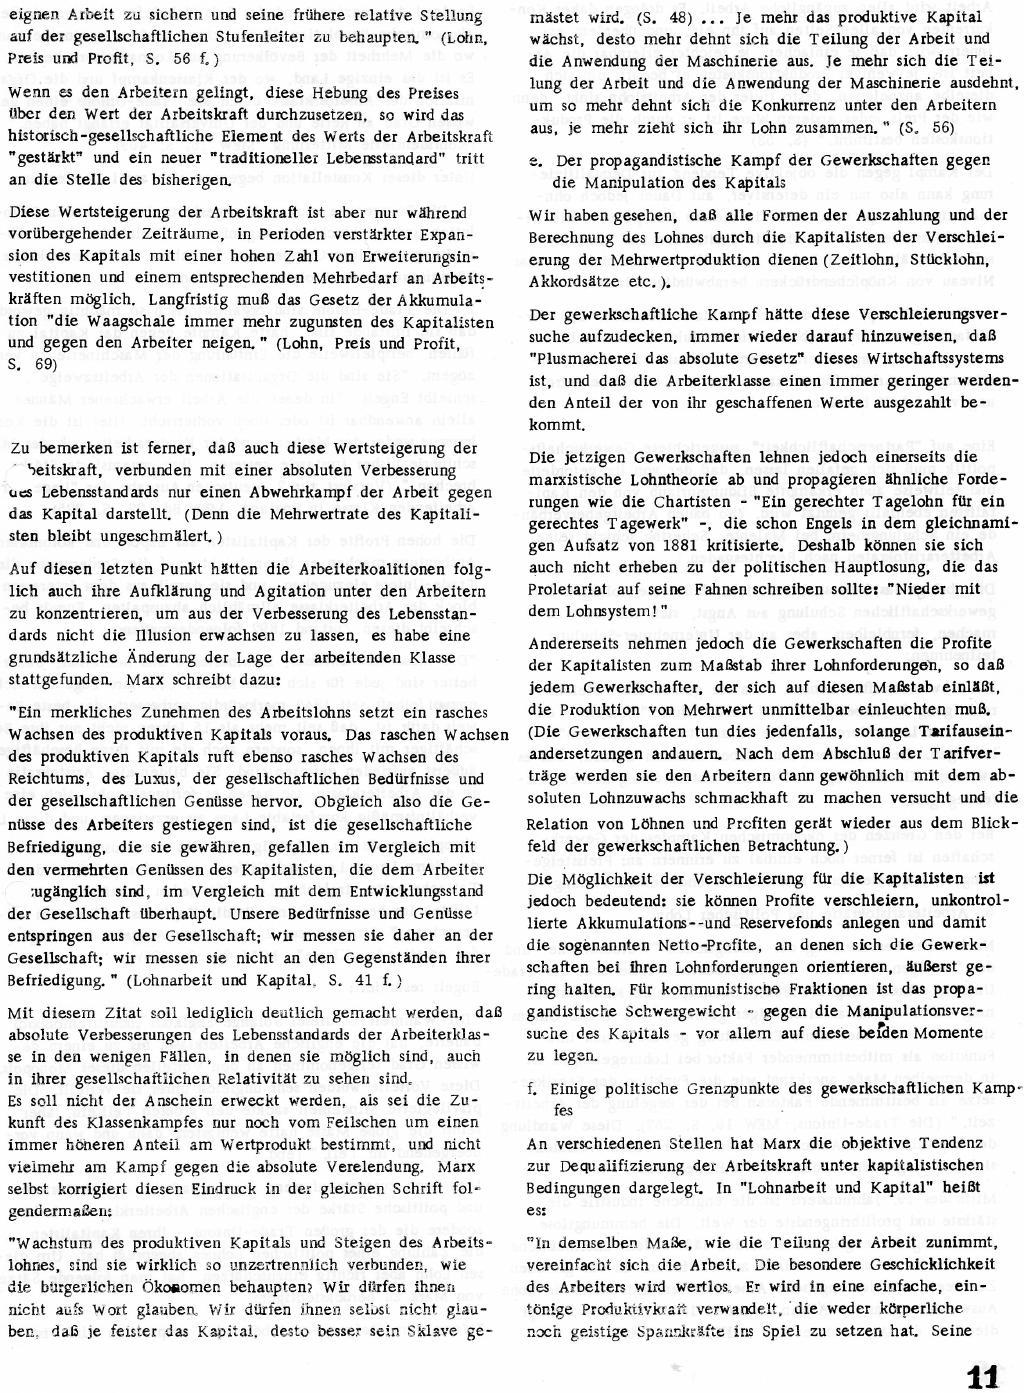 RPK_1971_109_110_11